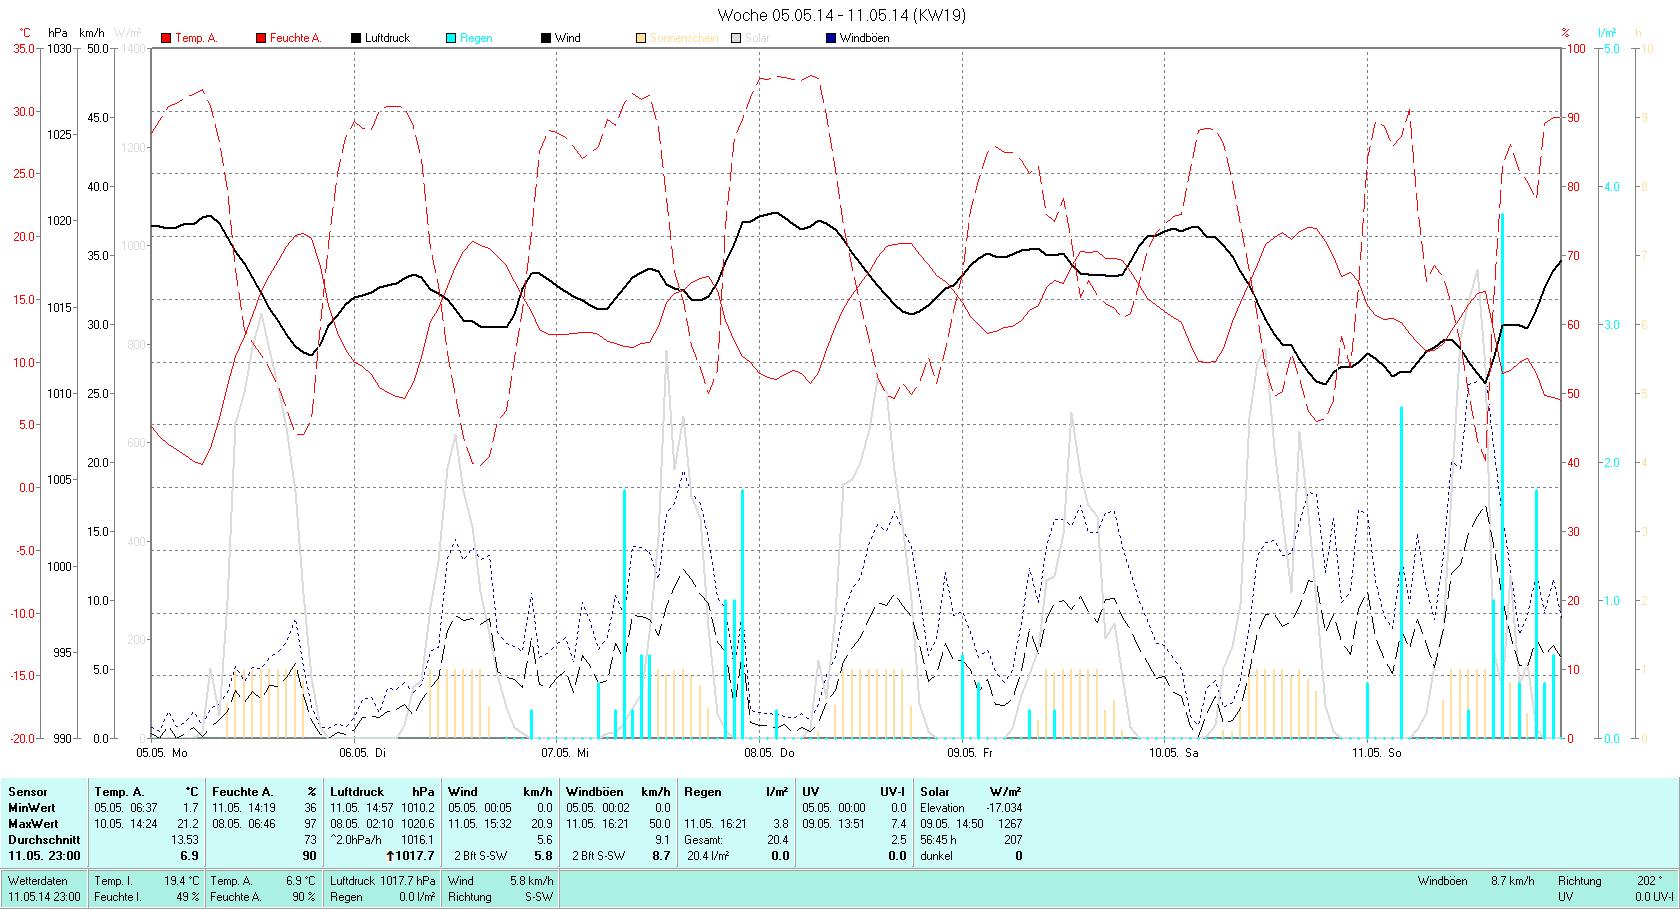 KW 19 Tmin  1.7°C, Tmax 21.2°C, Sonne 61:22h, Niederschlag 20.4mm/2